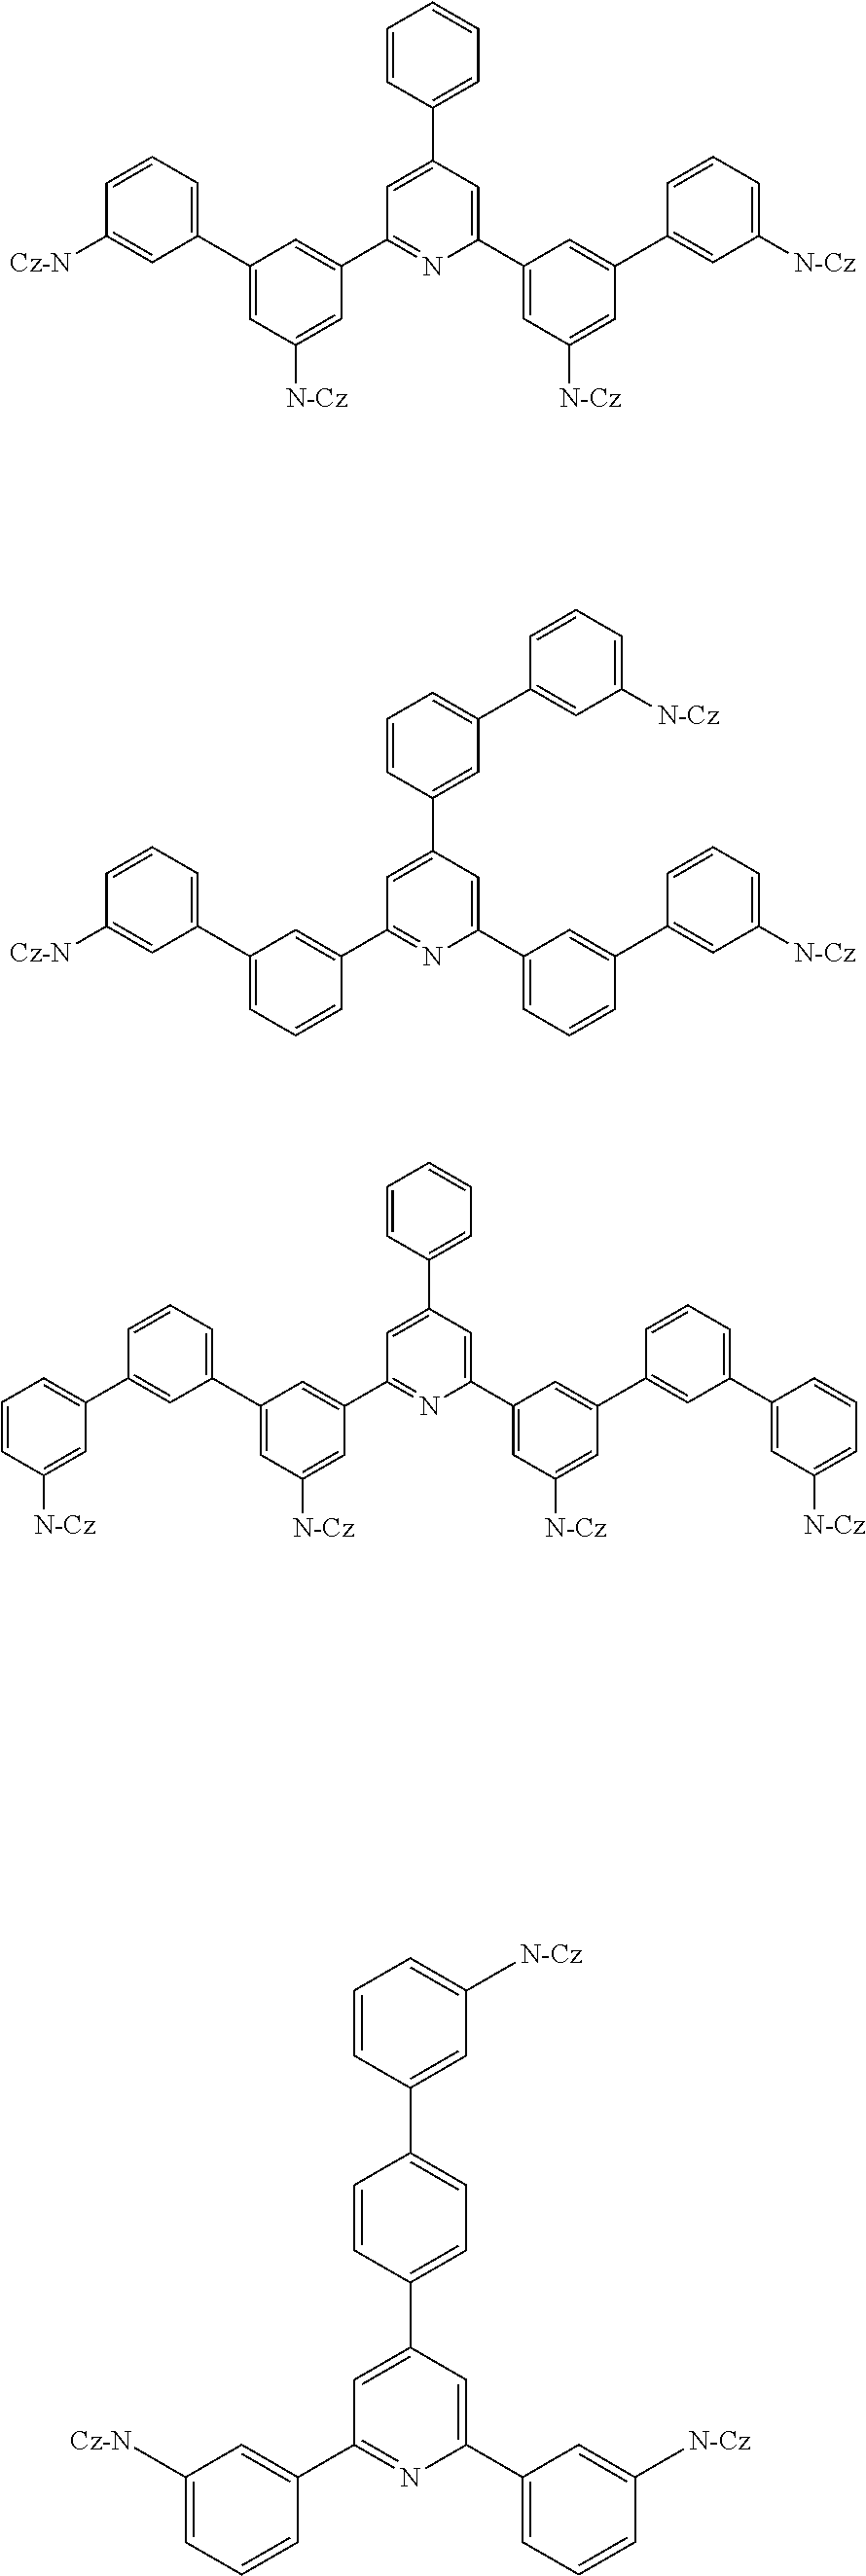 Figure US20110215312A1-20110908-C00063